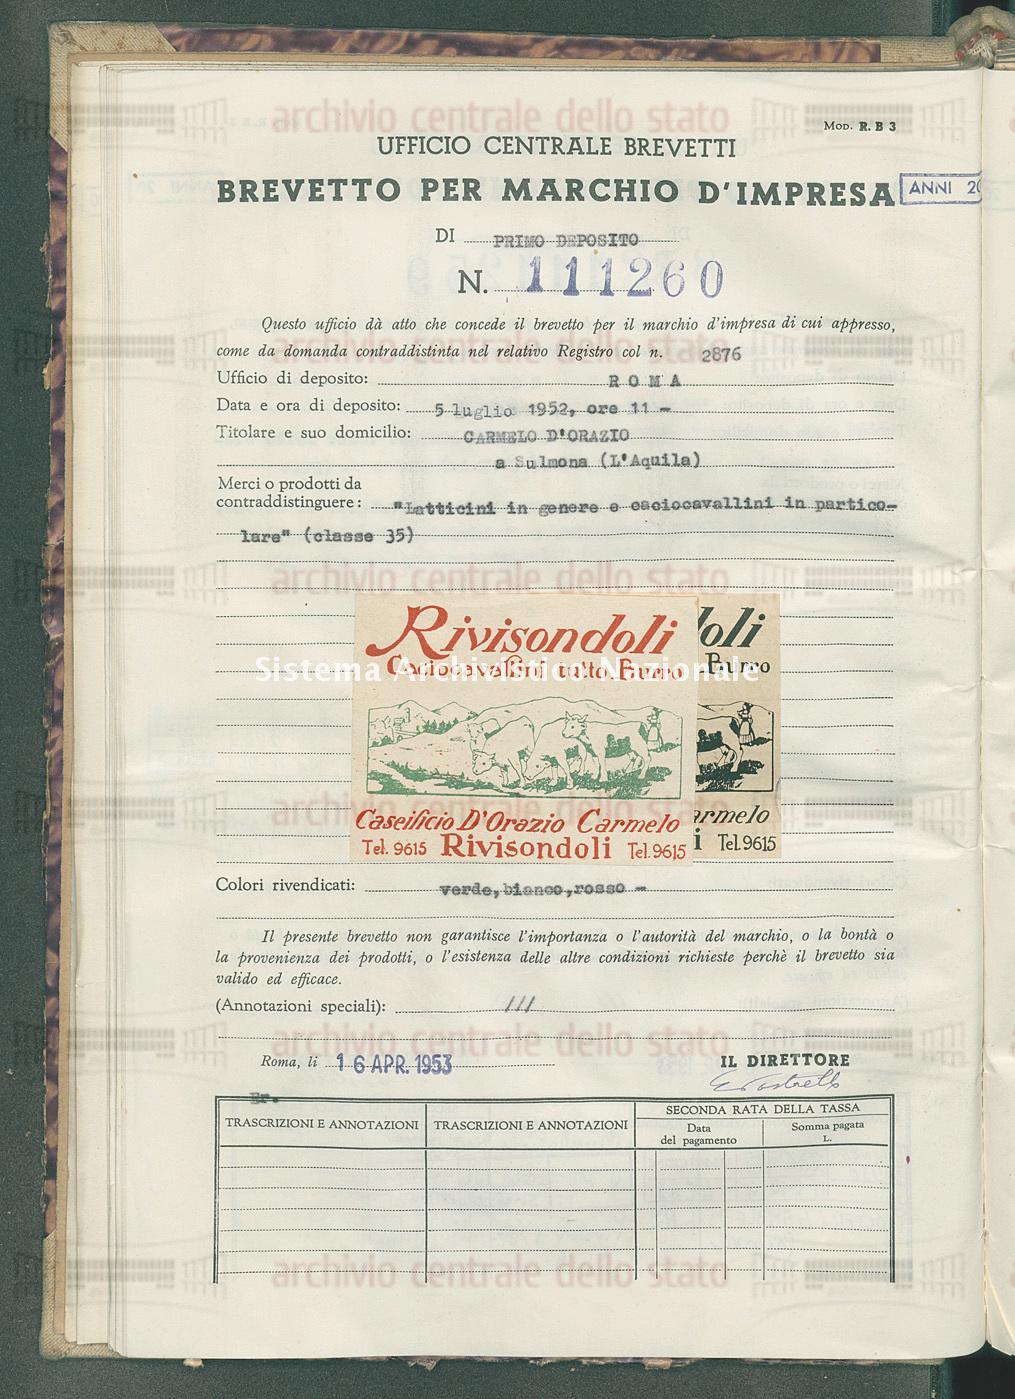 'Latticini in genere e caciocavallini in particolare' Carmelo D'Orazio (16/04/1953)